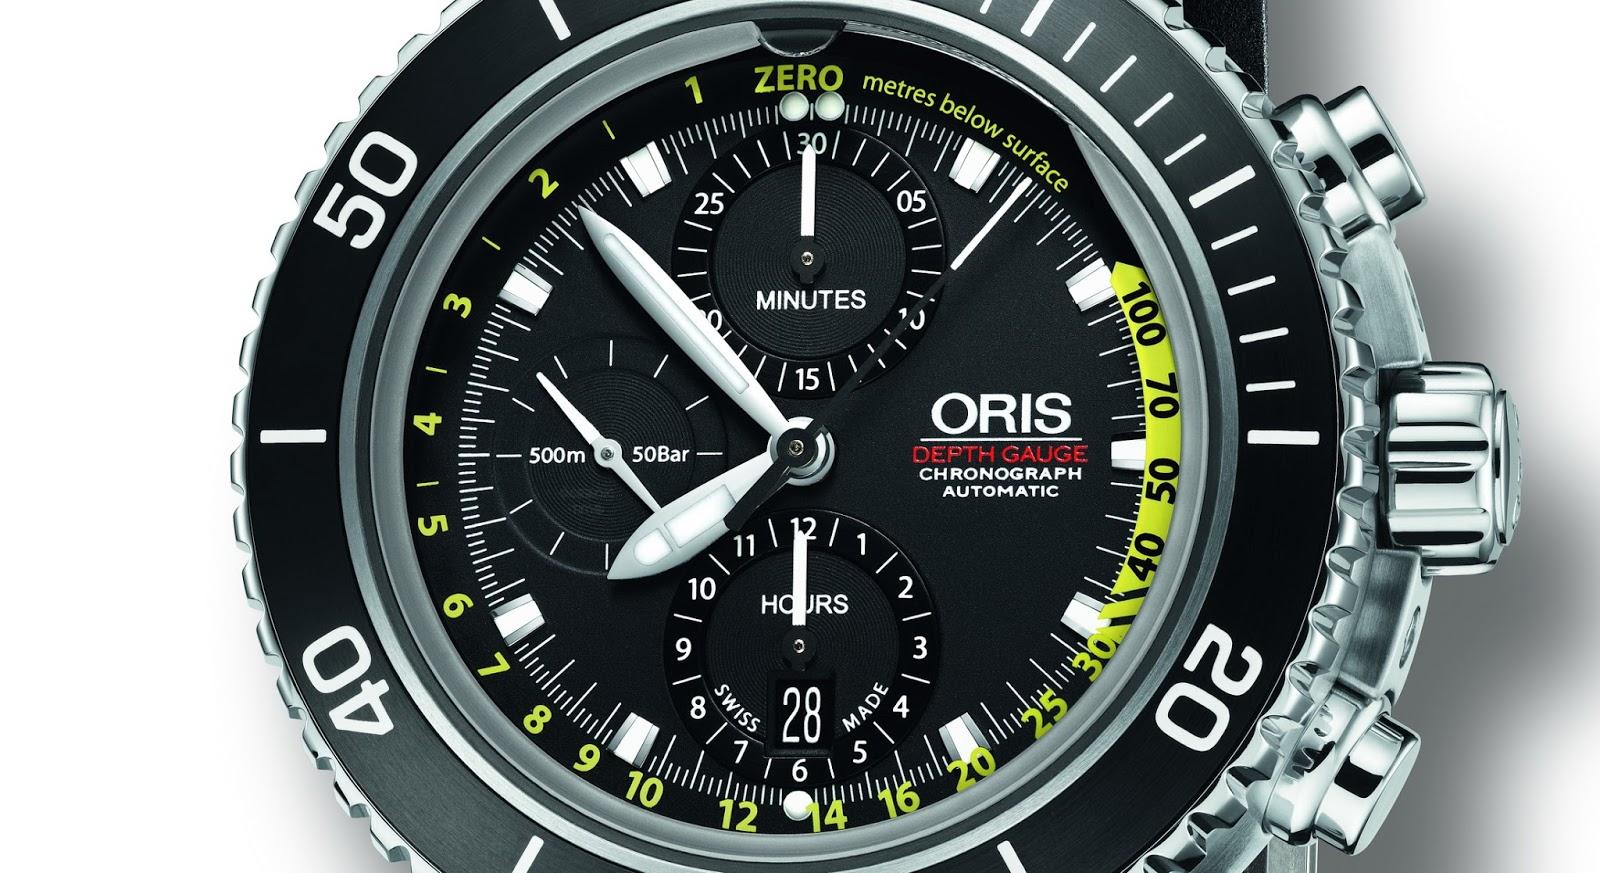 oris-aquis-depth-gauge-chrono-02